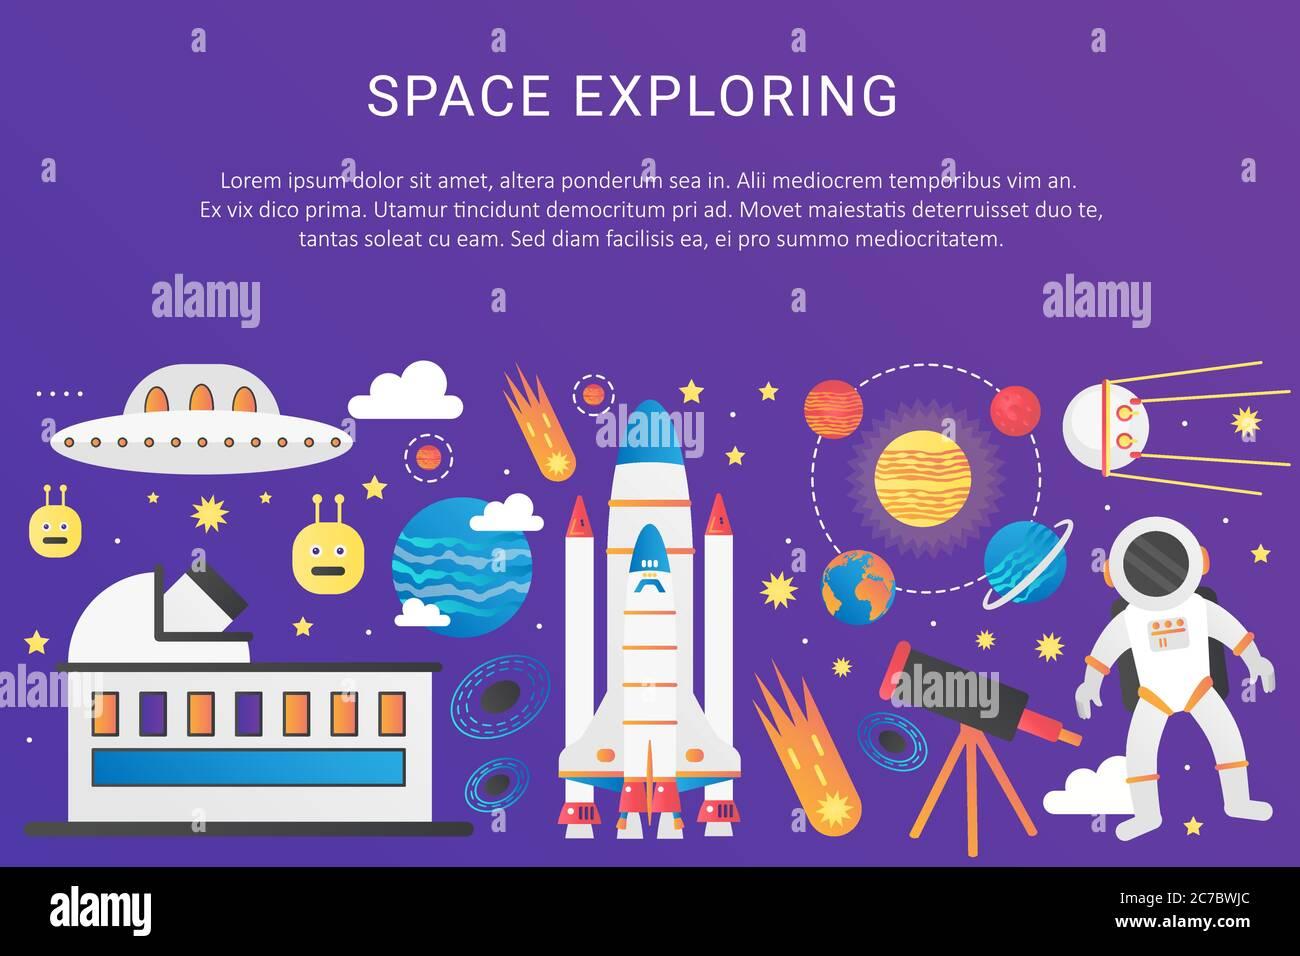 Illustration graphique tendance de l'univers des couleurs à dégradé plat Vector. Vaisseau spatial extra-atmosphérique fusée, système solaire avec planètes, satellites, bannière de modèle de concept d'OVNI avec icônes et texte Illustration de Vecteur